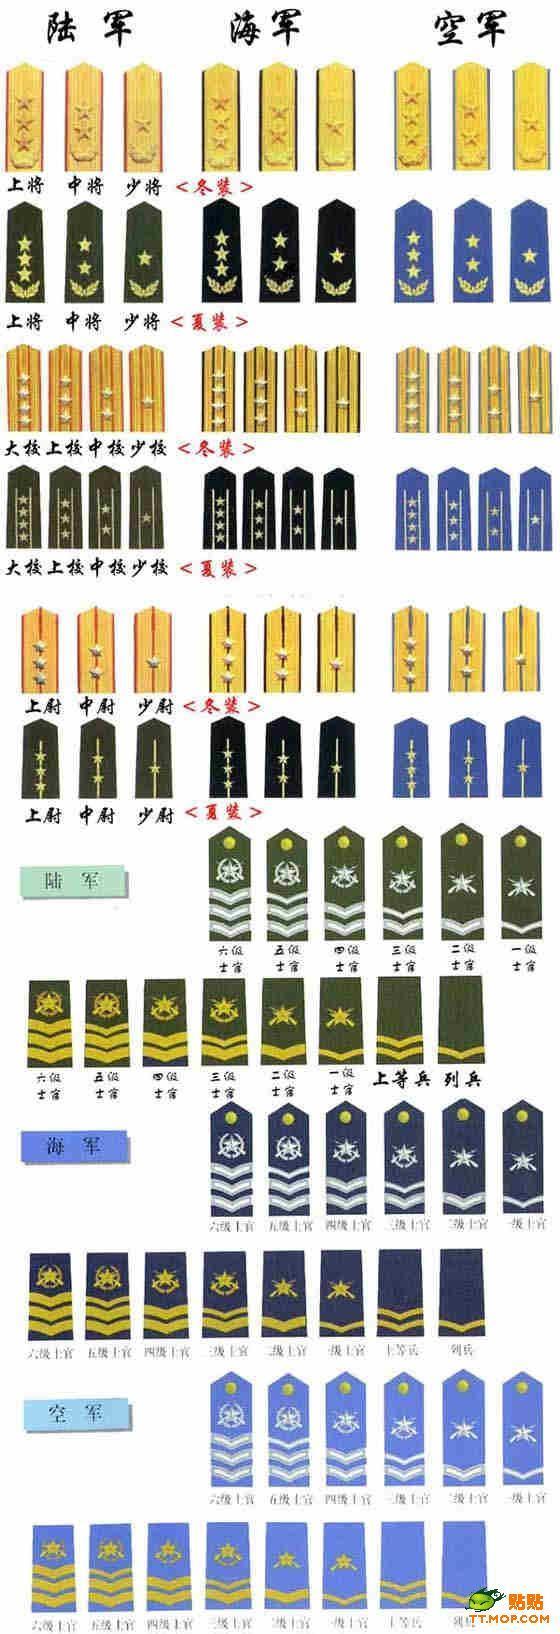 二战美军军衔 搞笑图片